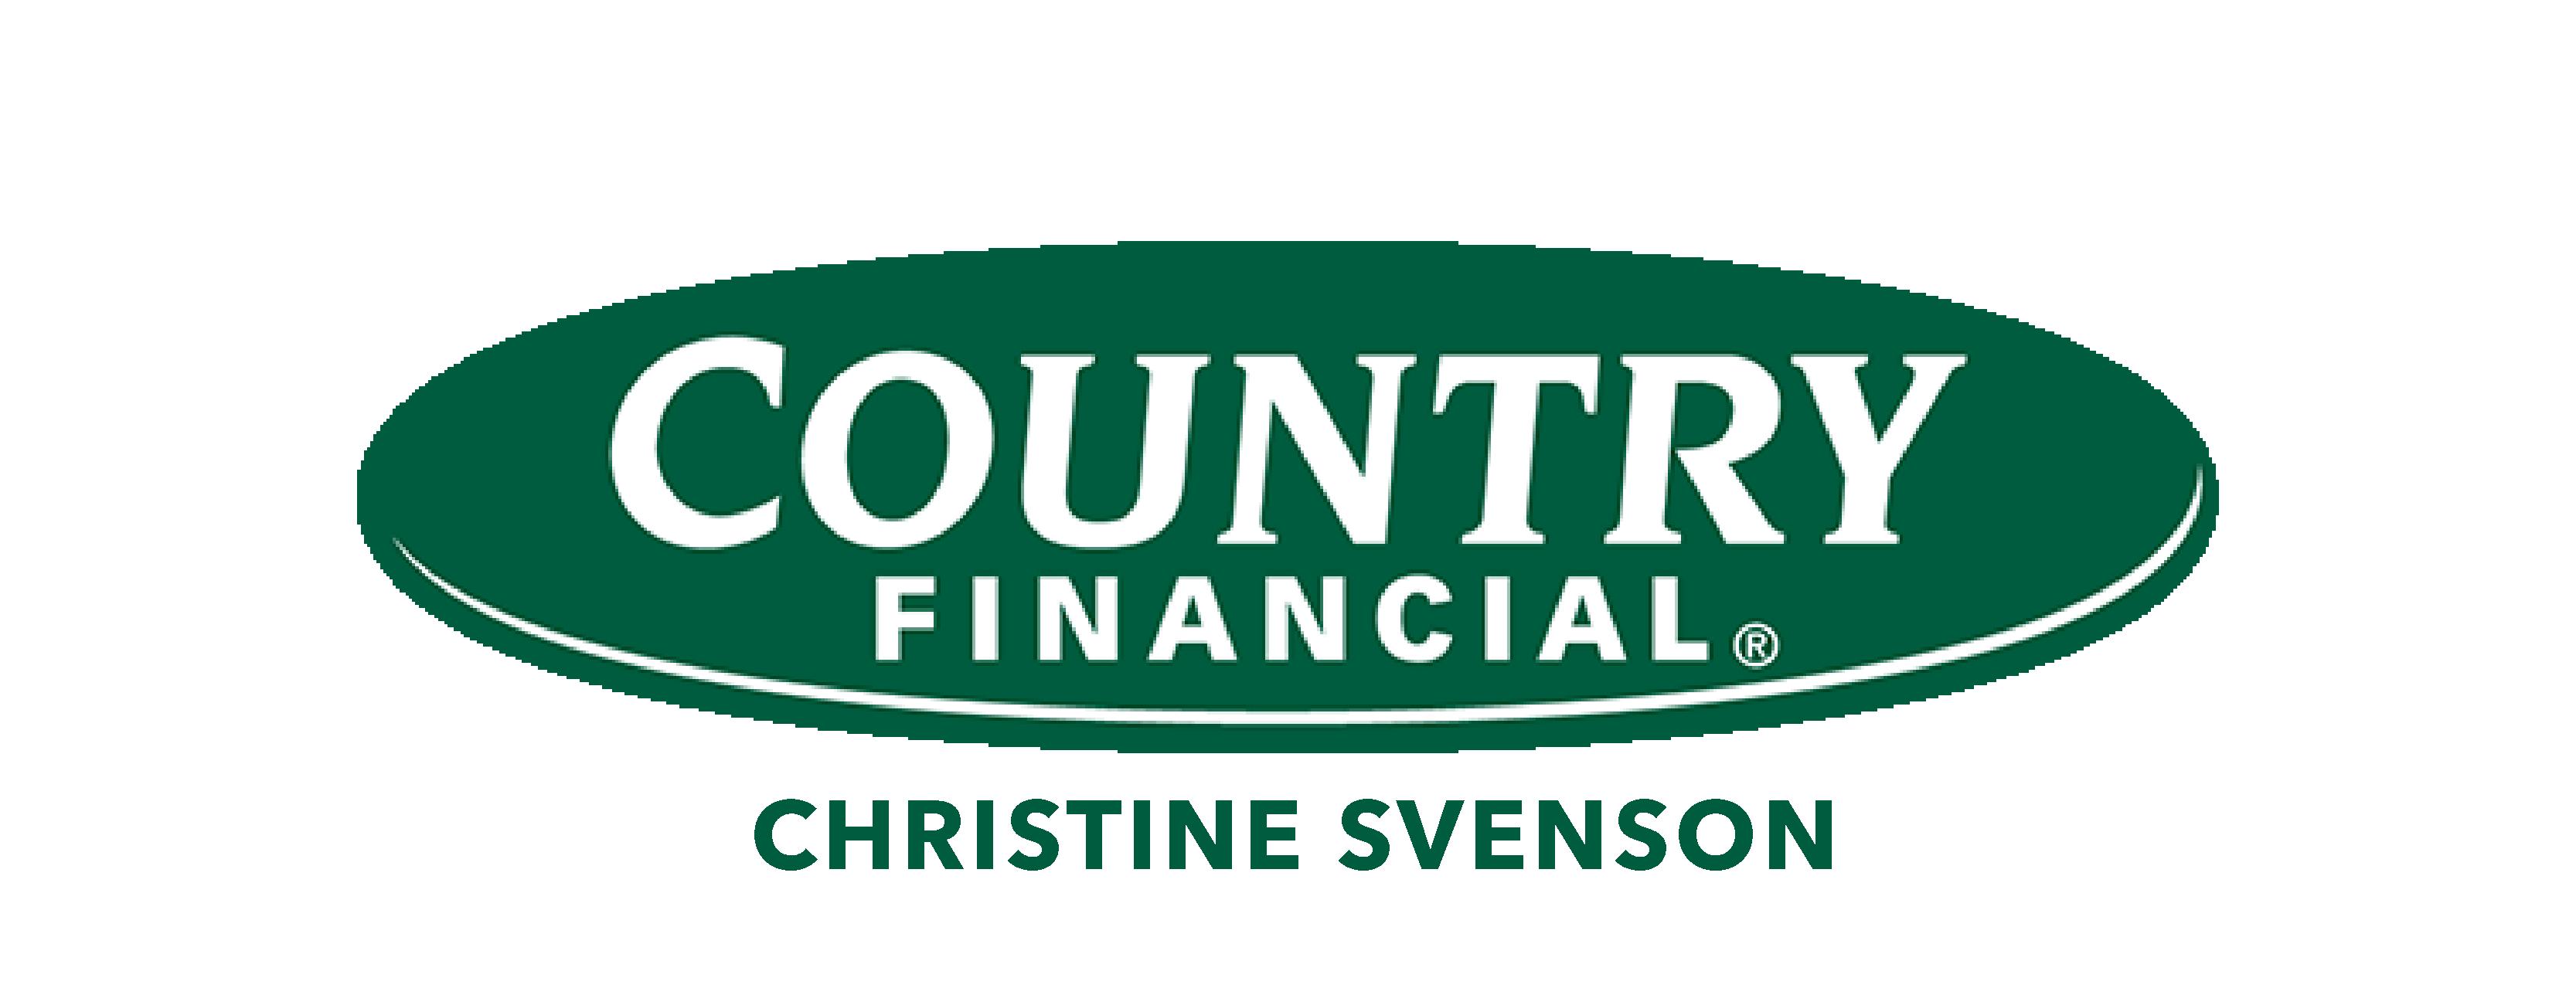 Country Financial - Christine Svenson